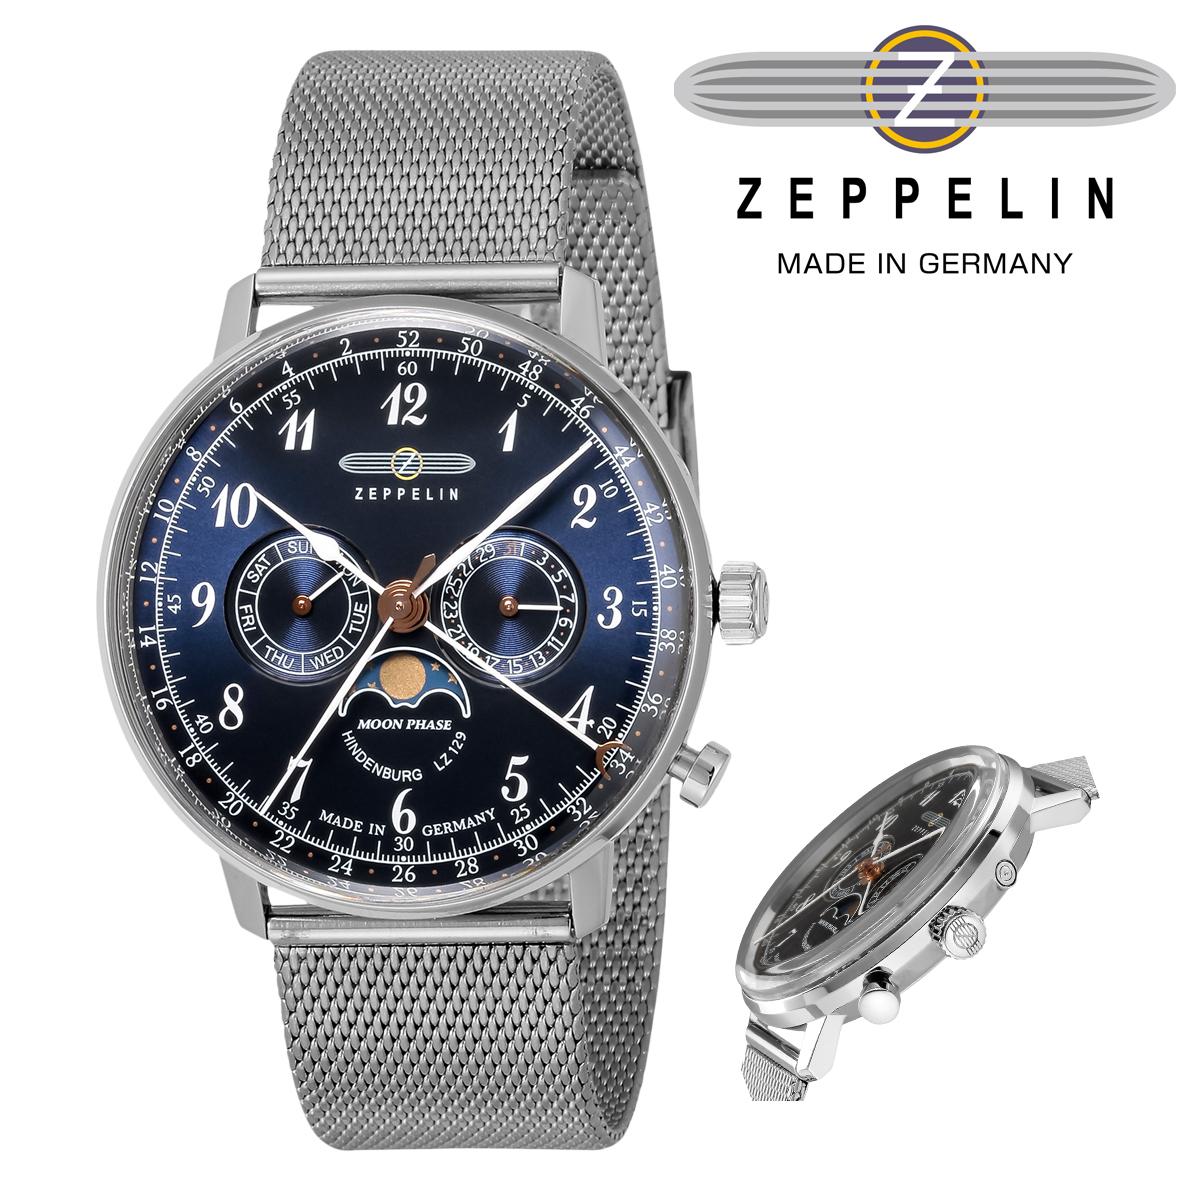 ツェッペリン 腕時計 HINDENBURGmoonphase 7036-M3 日本限定モデル メンズ ZEPPELIN ステンレススチール アクリルガラス